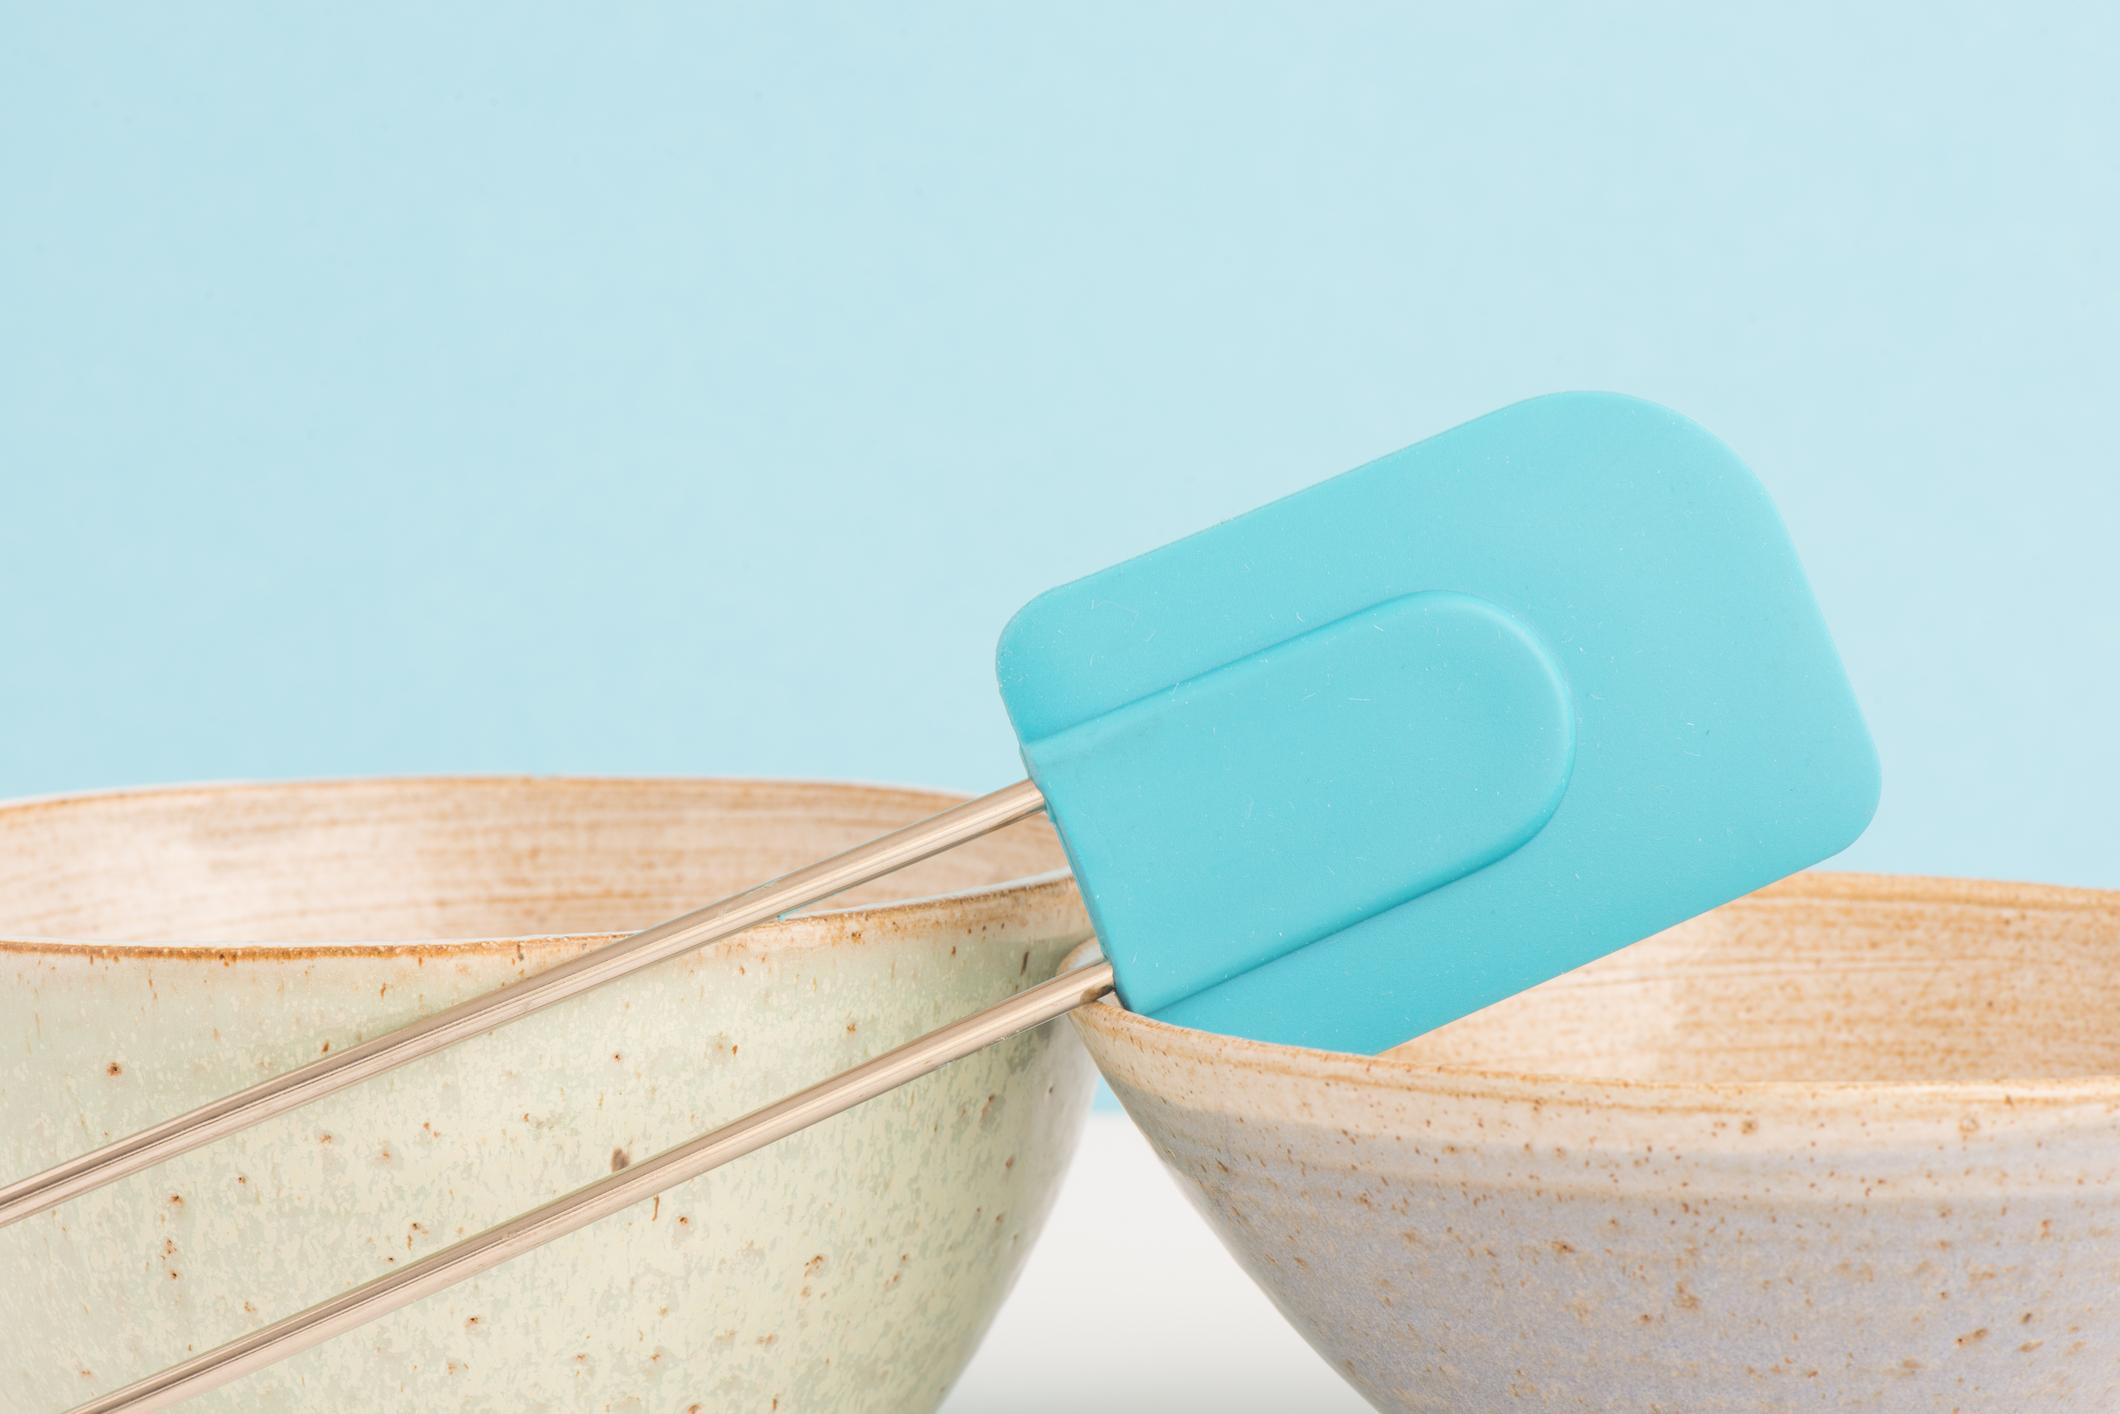 Всички кухненски бъркалки, особено като тази на снимката, са източник на много бактерии. Уверете се, че ги измивате винаги добре след употреба. А бъркалките със сменящ се накрайник, винаги сушете отделно, защото може да мухляса.